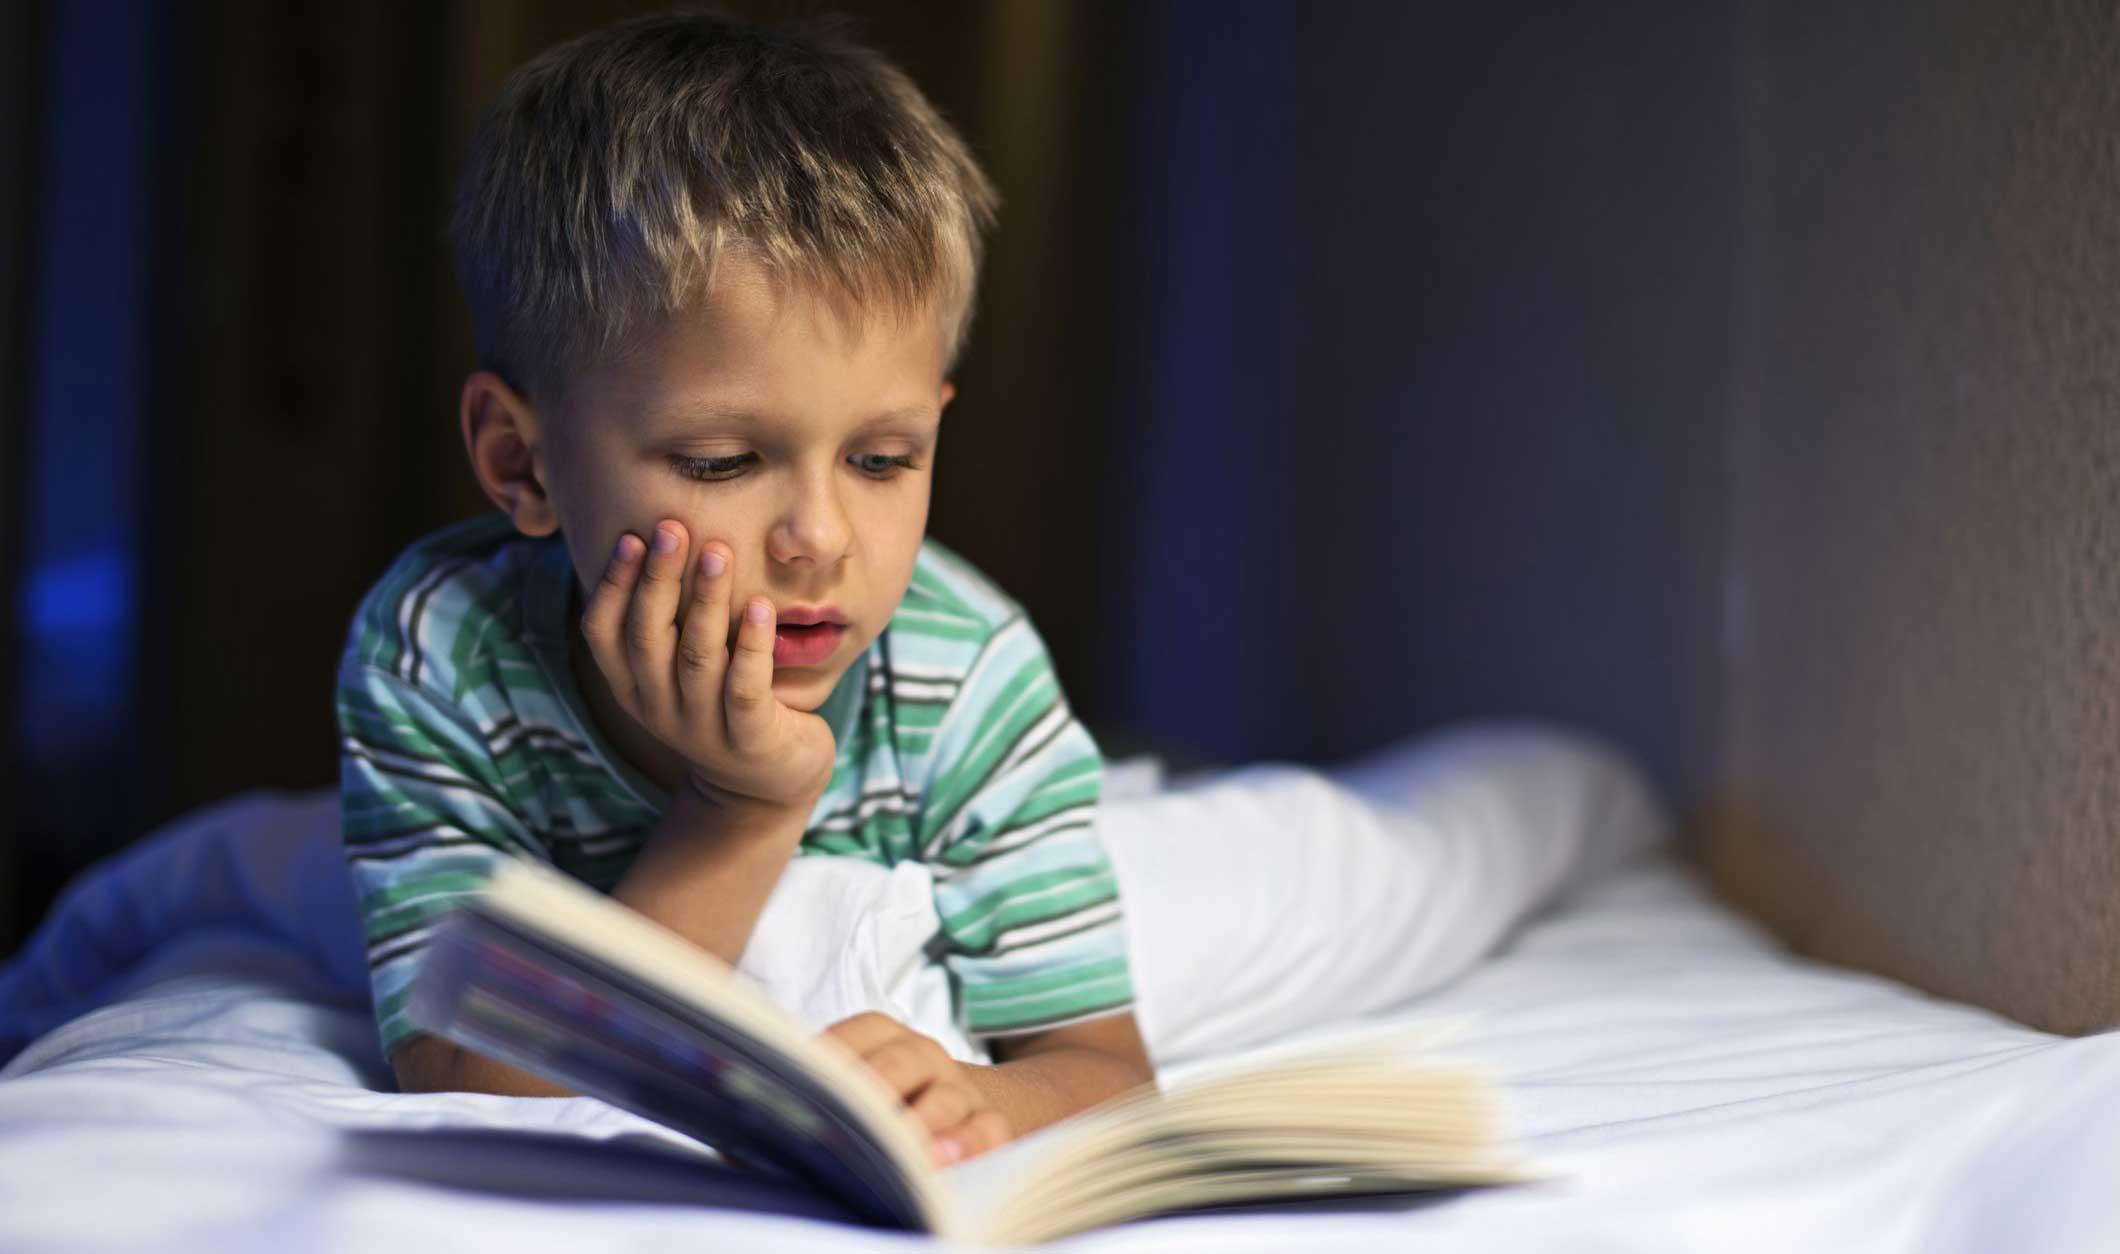 Повечето хора се стараят да се развиват в много области и да се усъвършенстват. Нивото им на четене обаче остава на около 9 годишно дете.